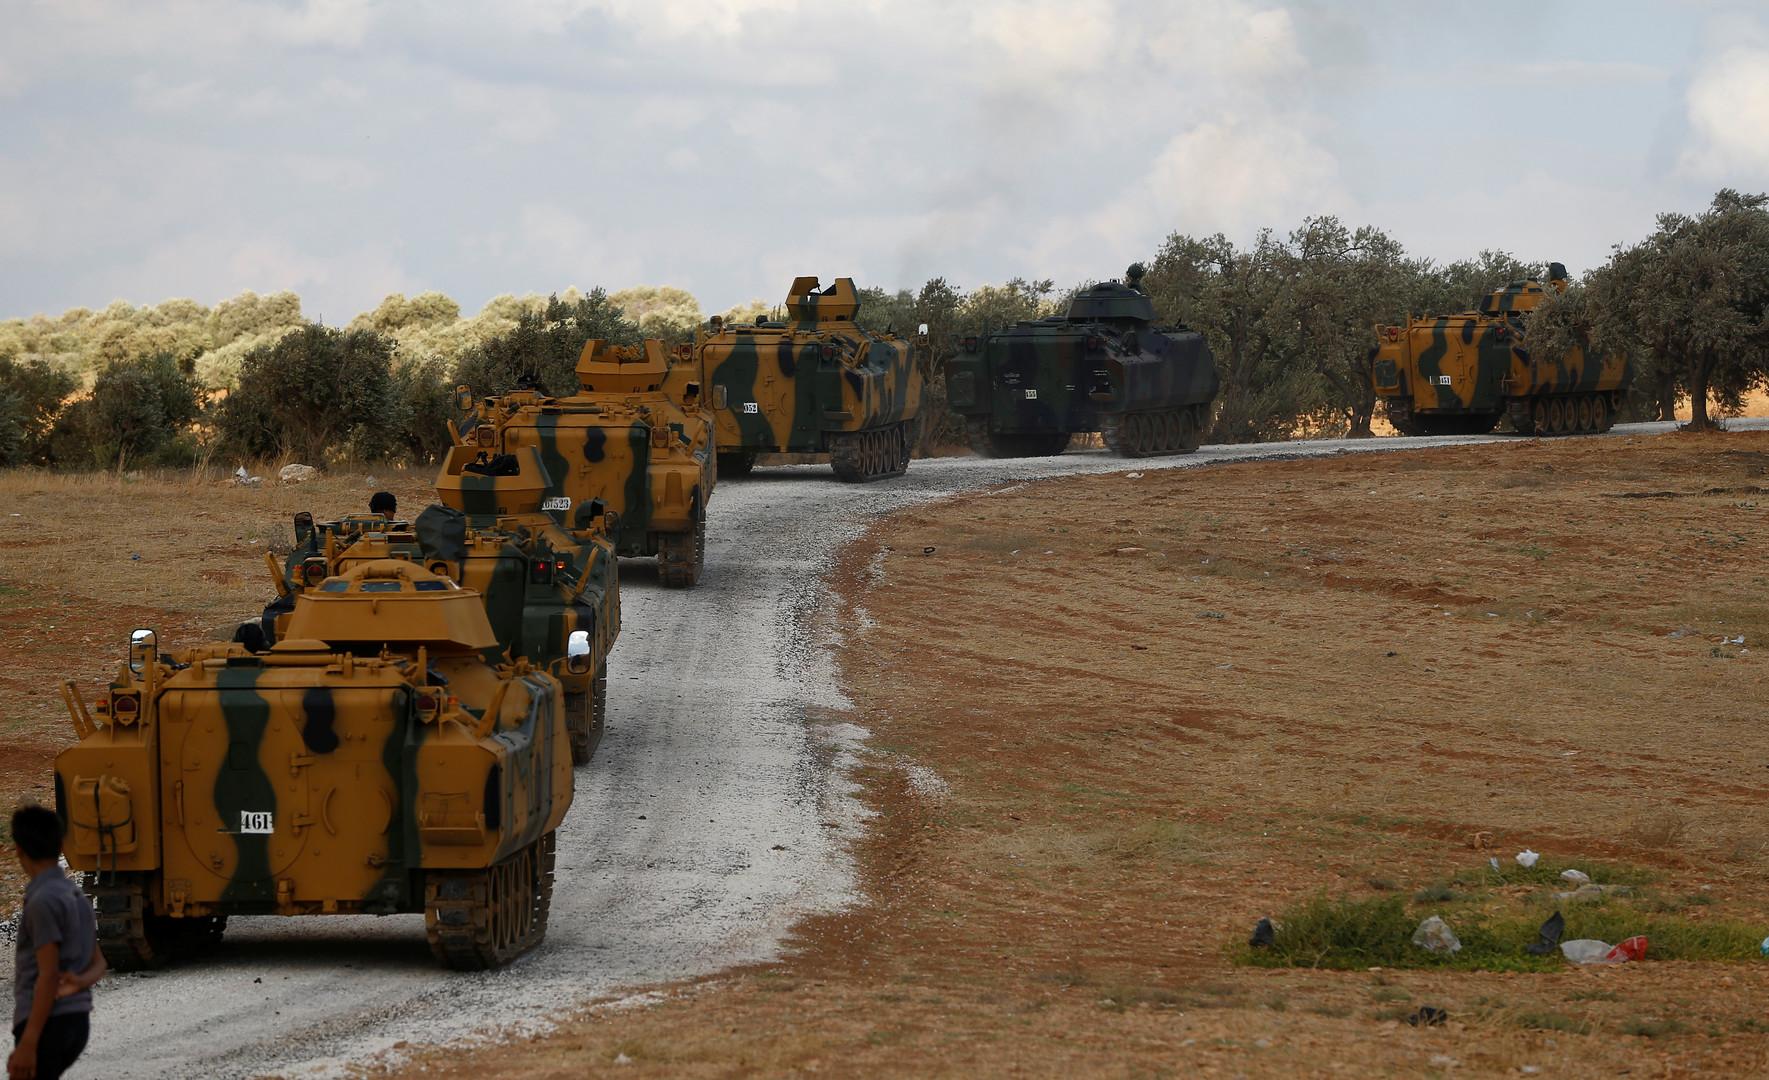 تركيا تستقدم تعزيزات عسكرية جديدة إلى حدود سوريا